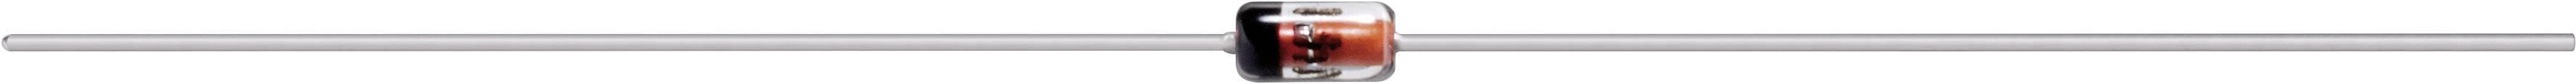 Dioda Vishay BA159-E3/73, 1000 V, I(F) 1 A